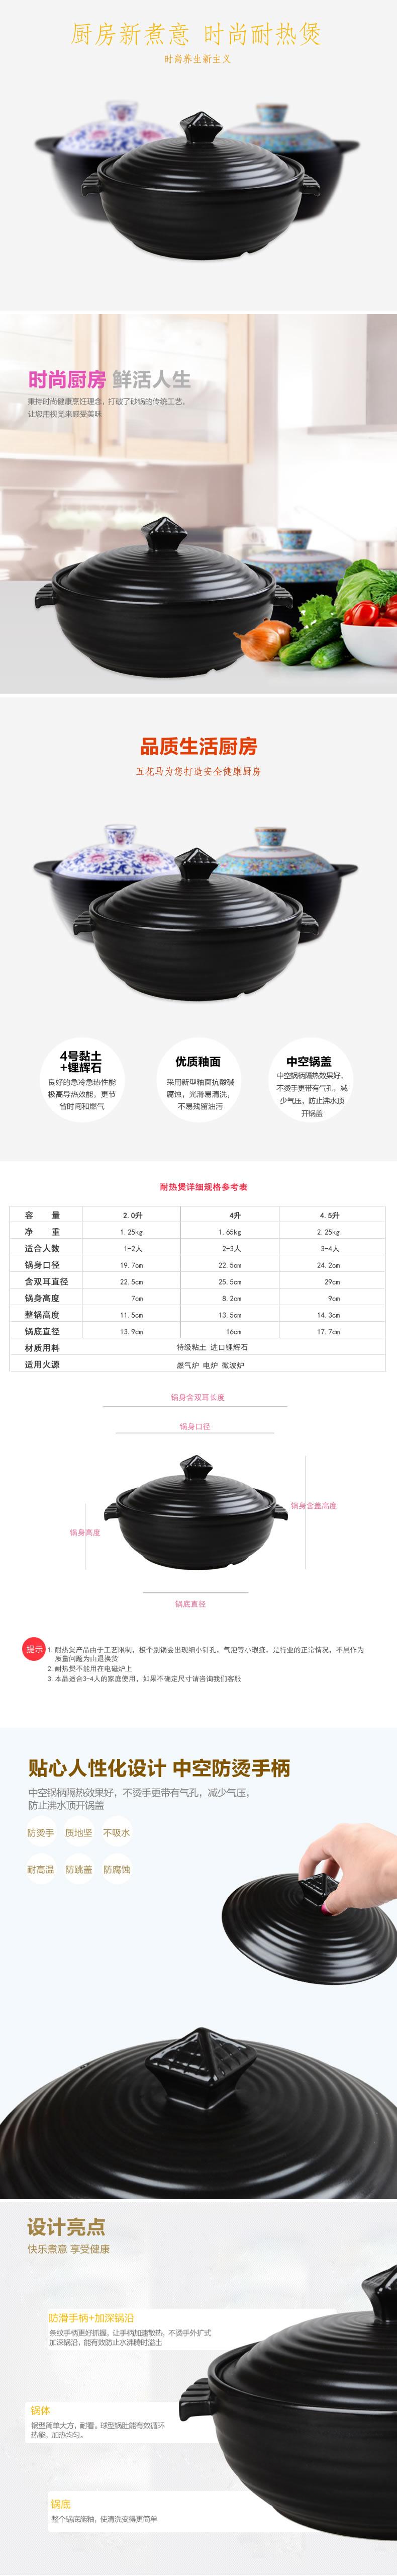 耐熱煲陶瓷燉煲sh200723082509詳情圖